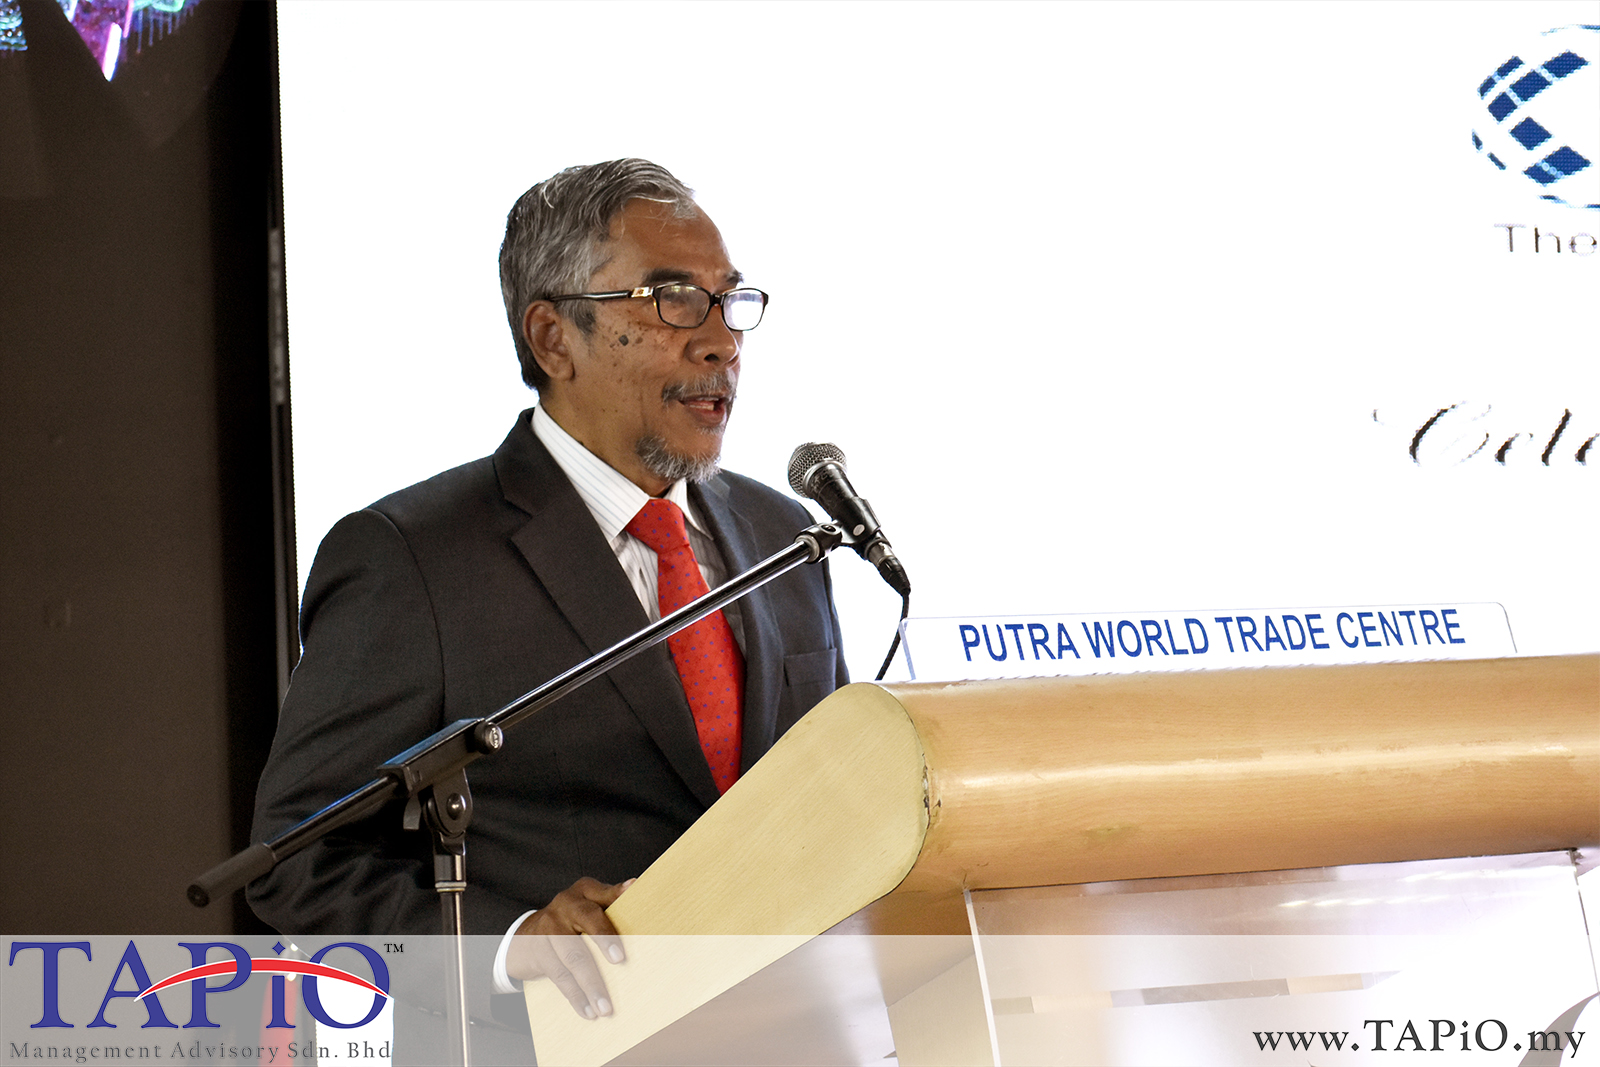 Malaysia Technology Expo - 21/02/2019 (10)